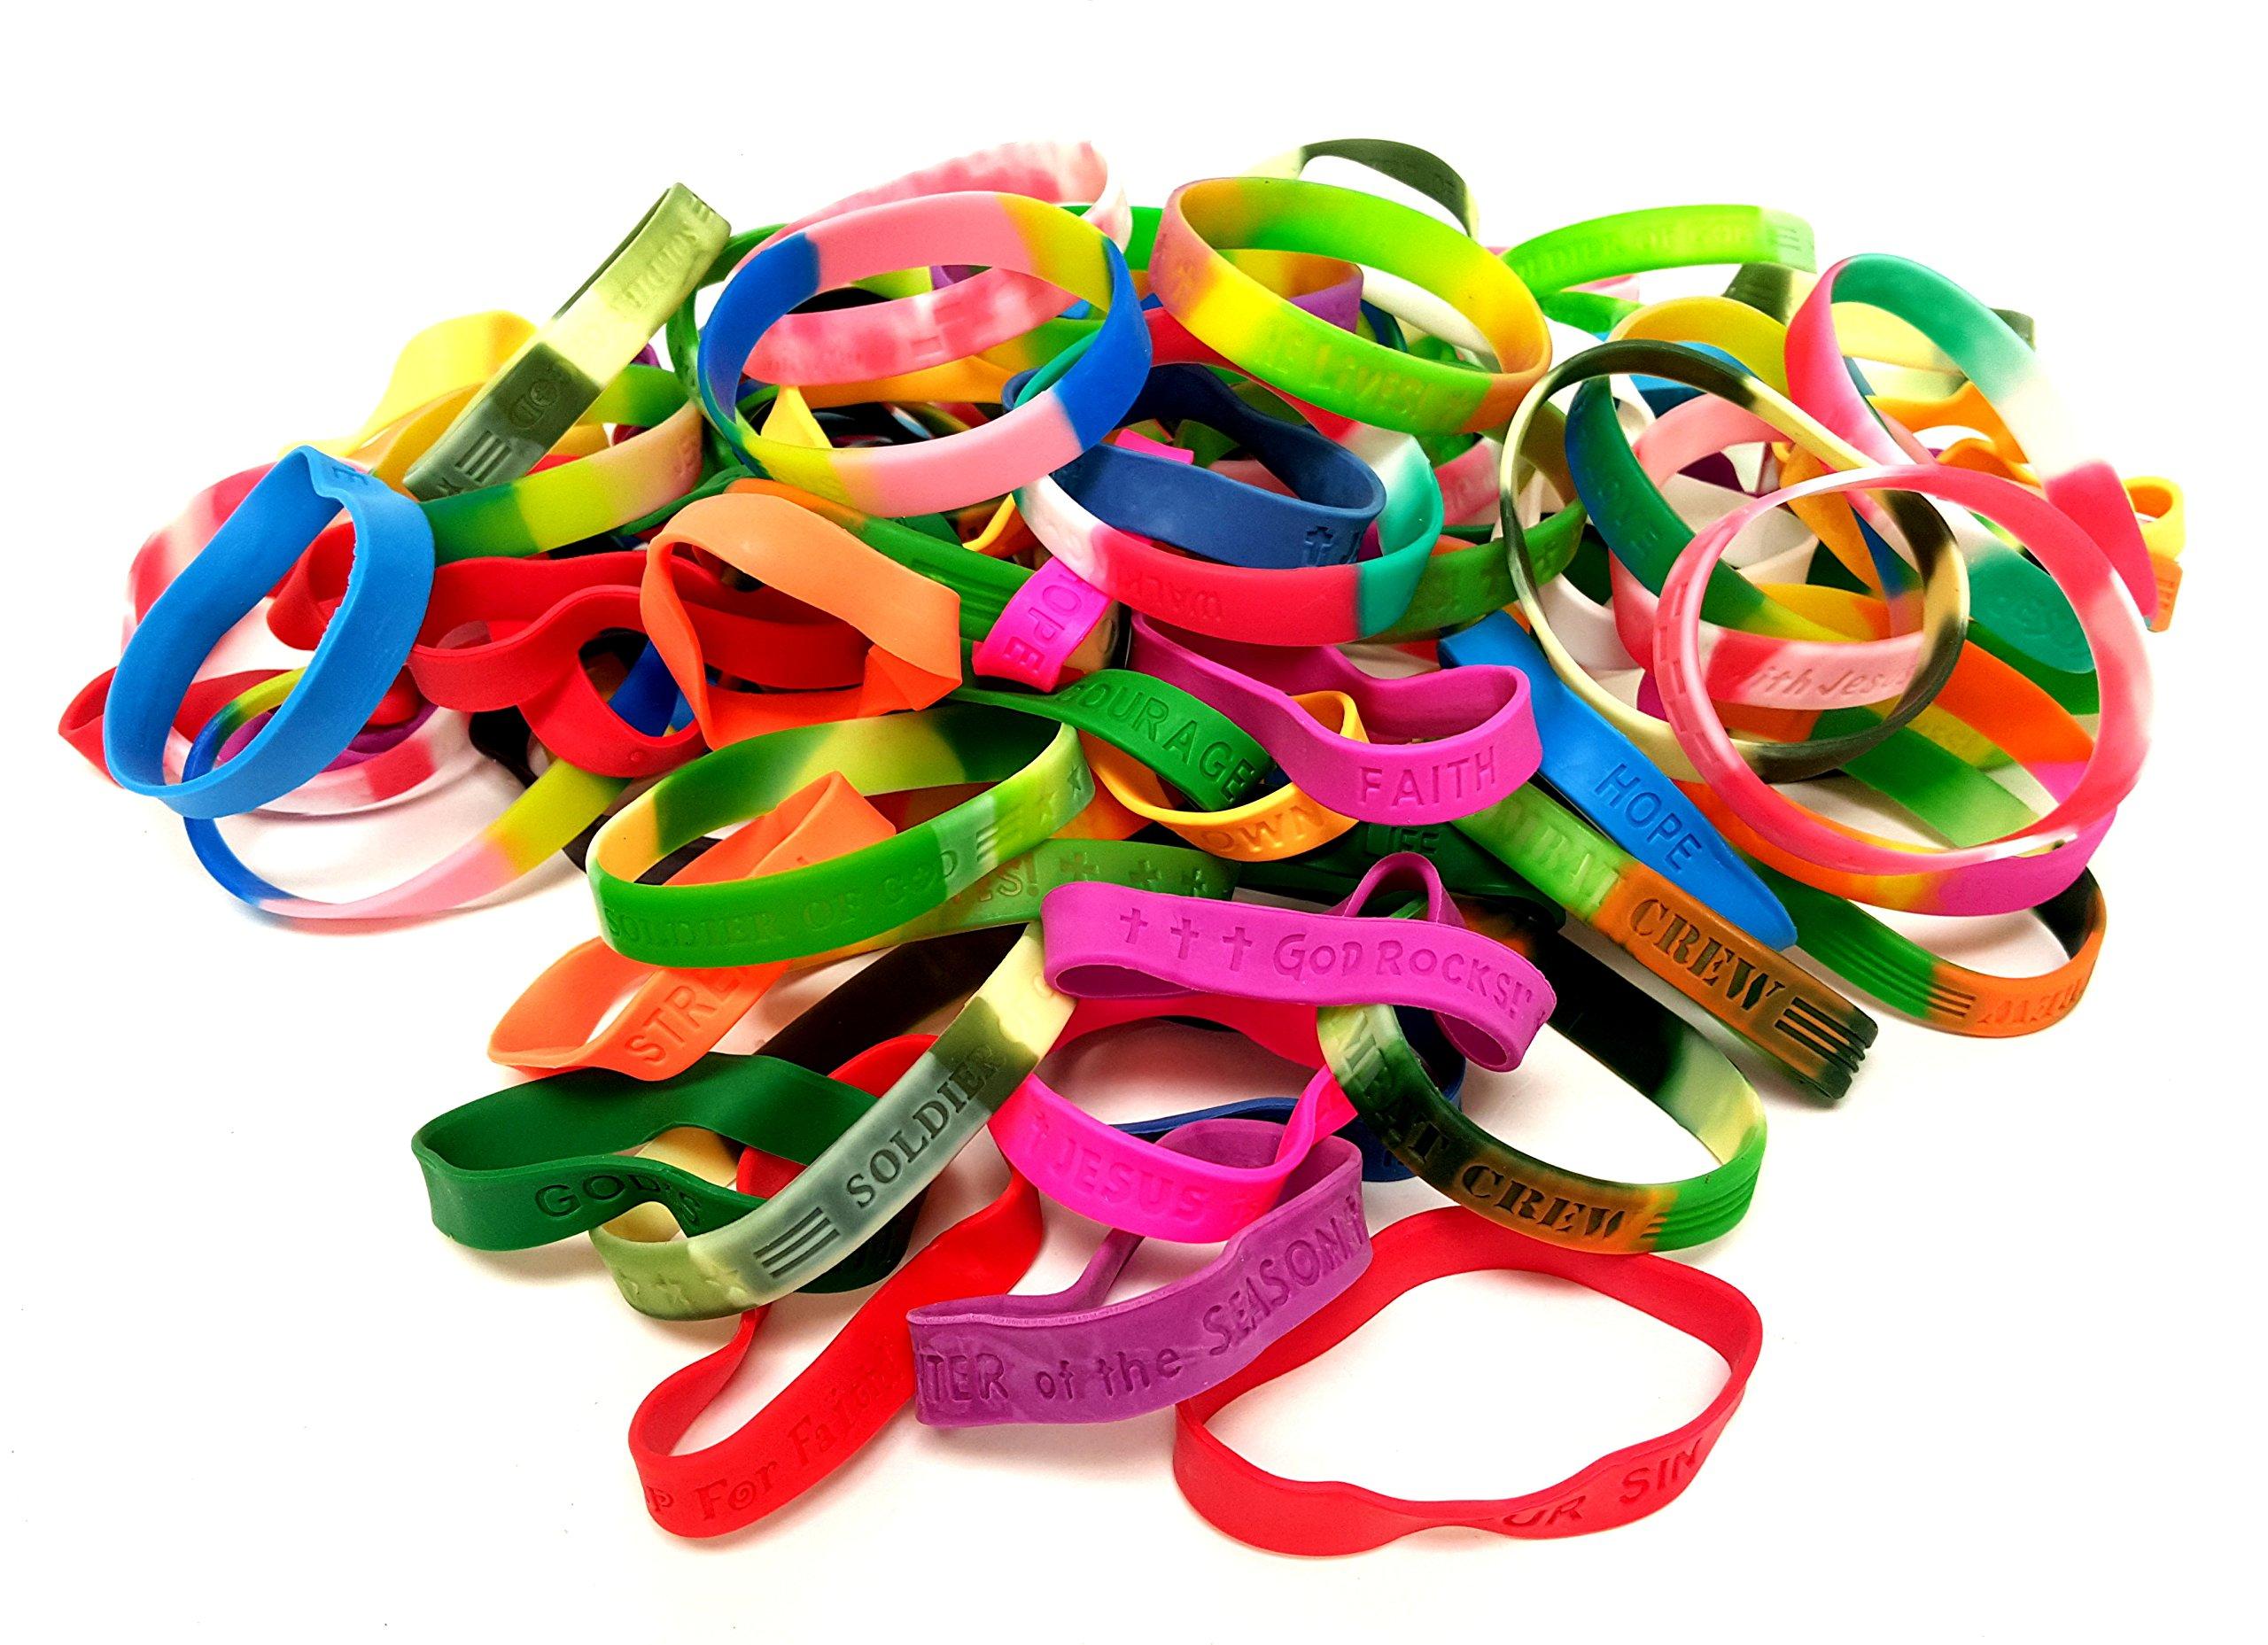 Dondor Religious Bracelets (200 Pack)